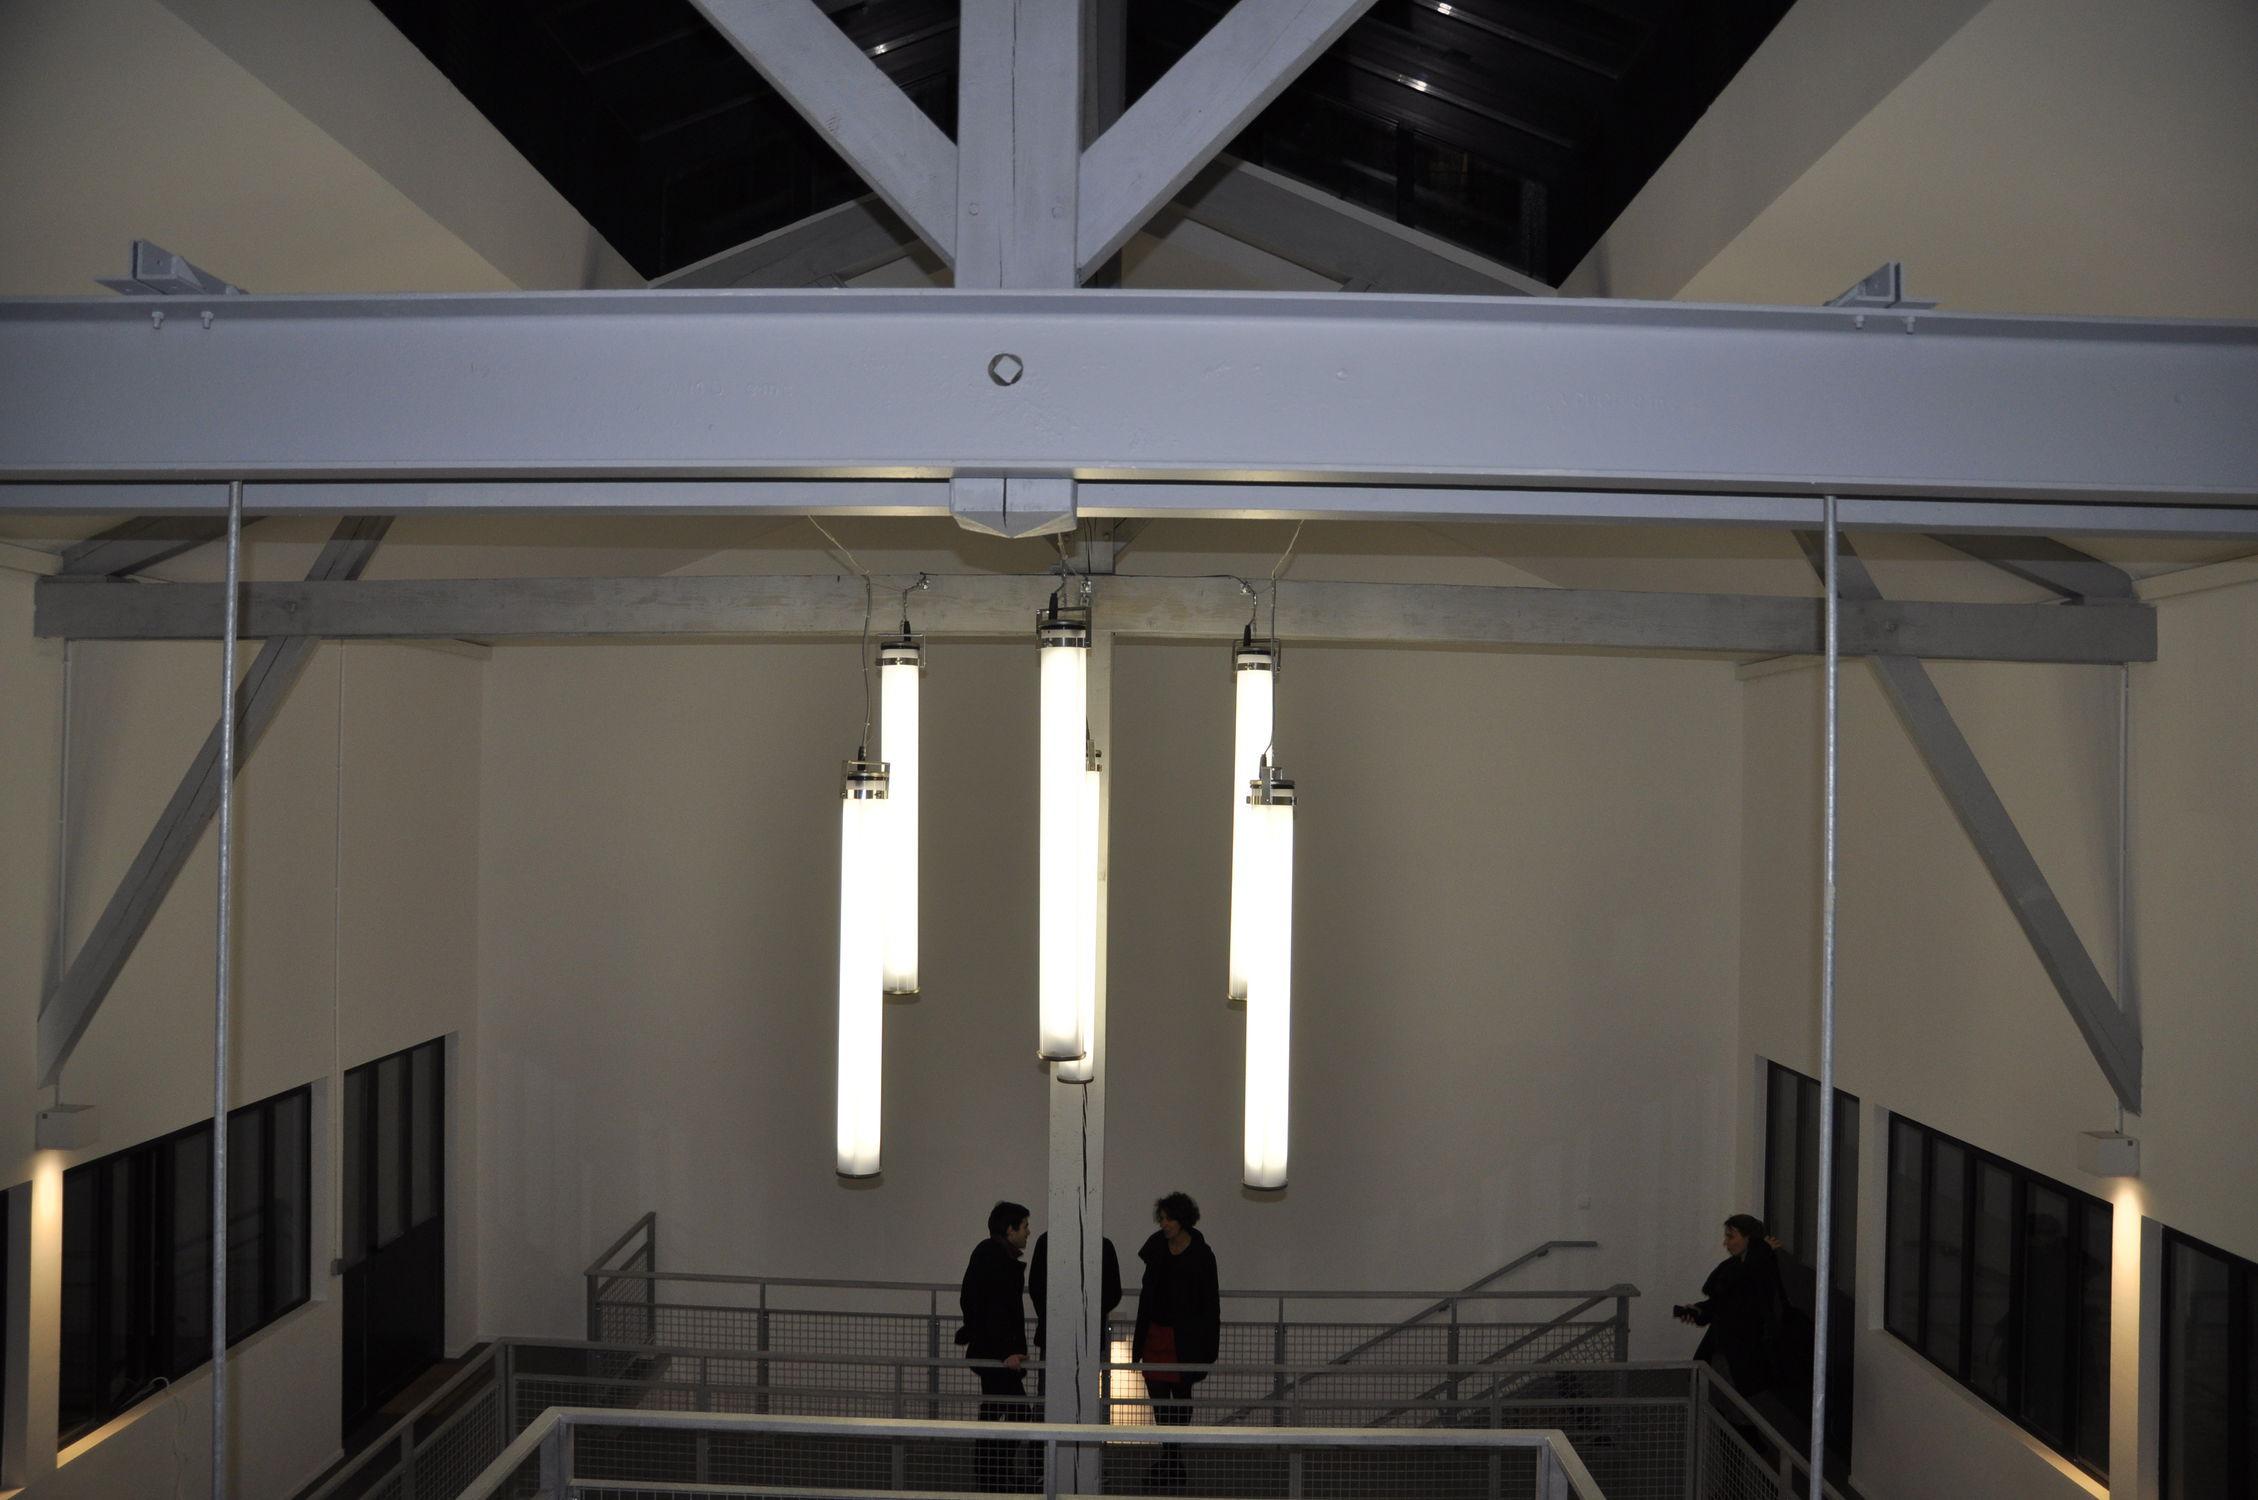 Lampada Tubolare Fluorescente : Luce a sospensione a lampada fluorescente tubolare in